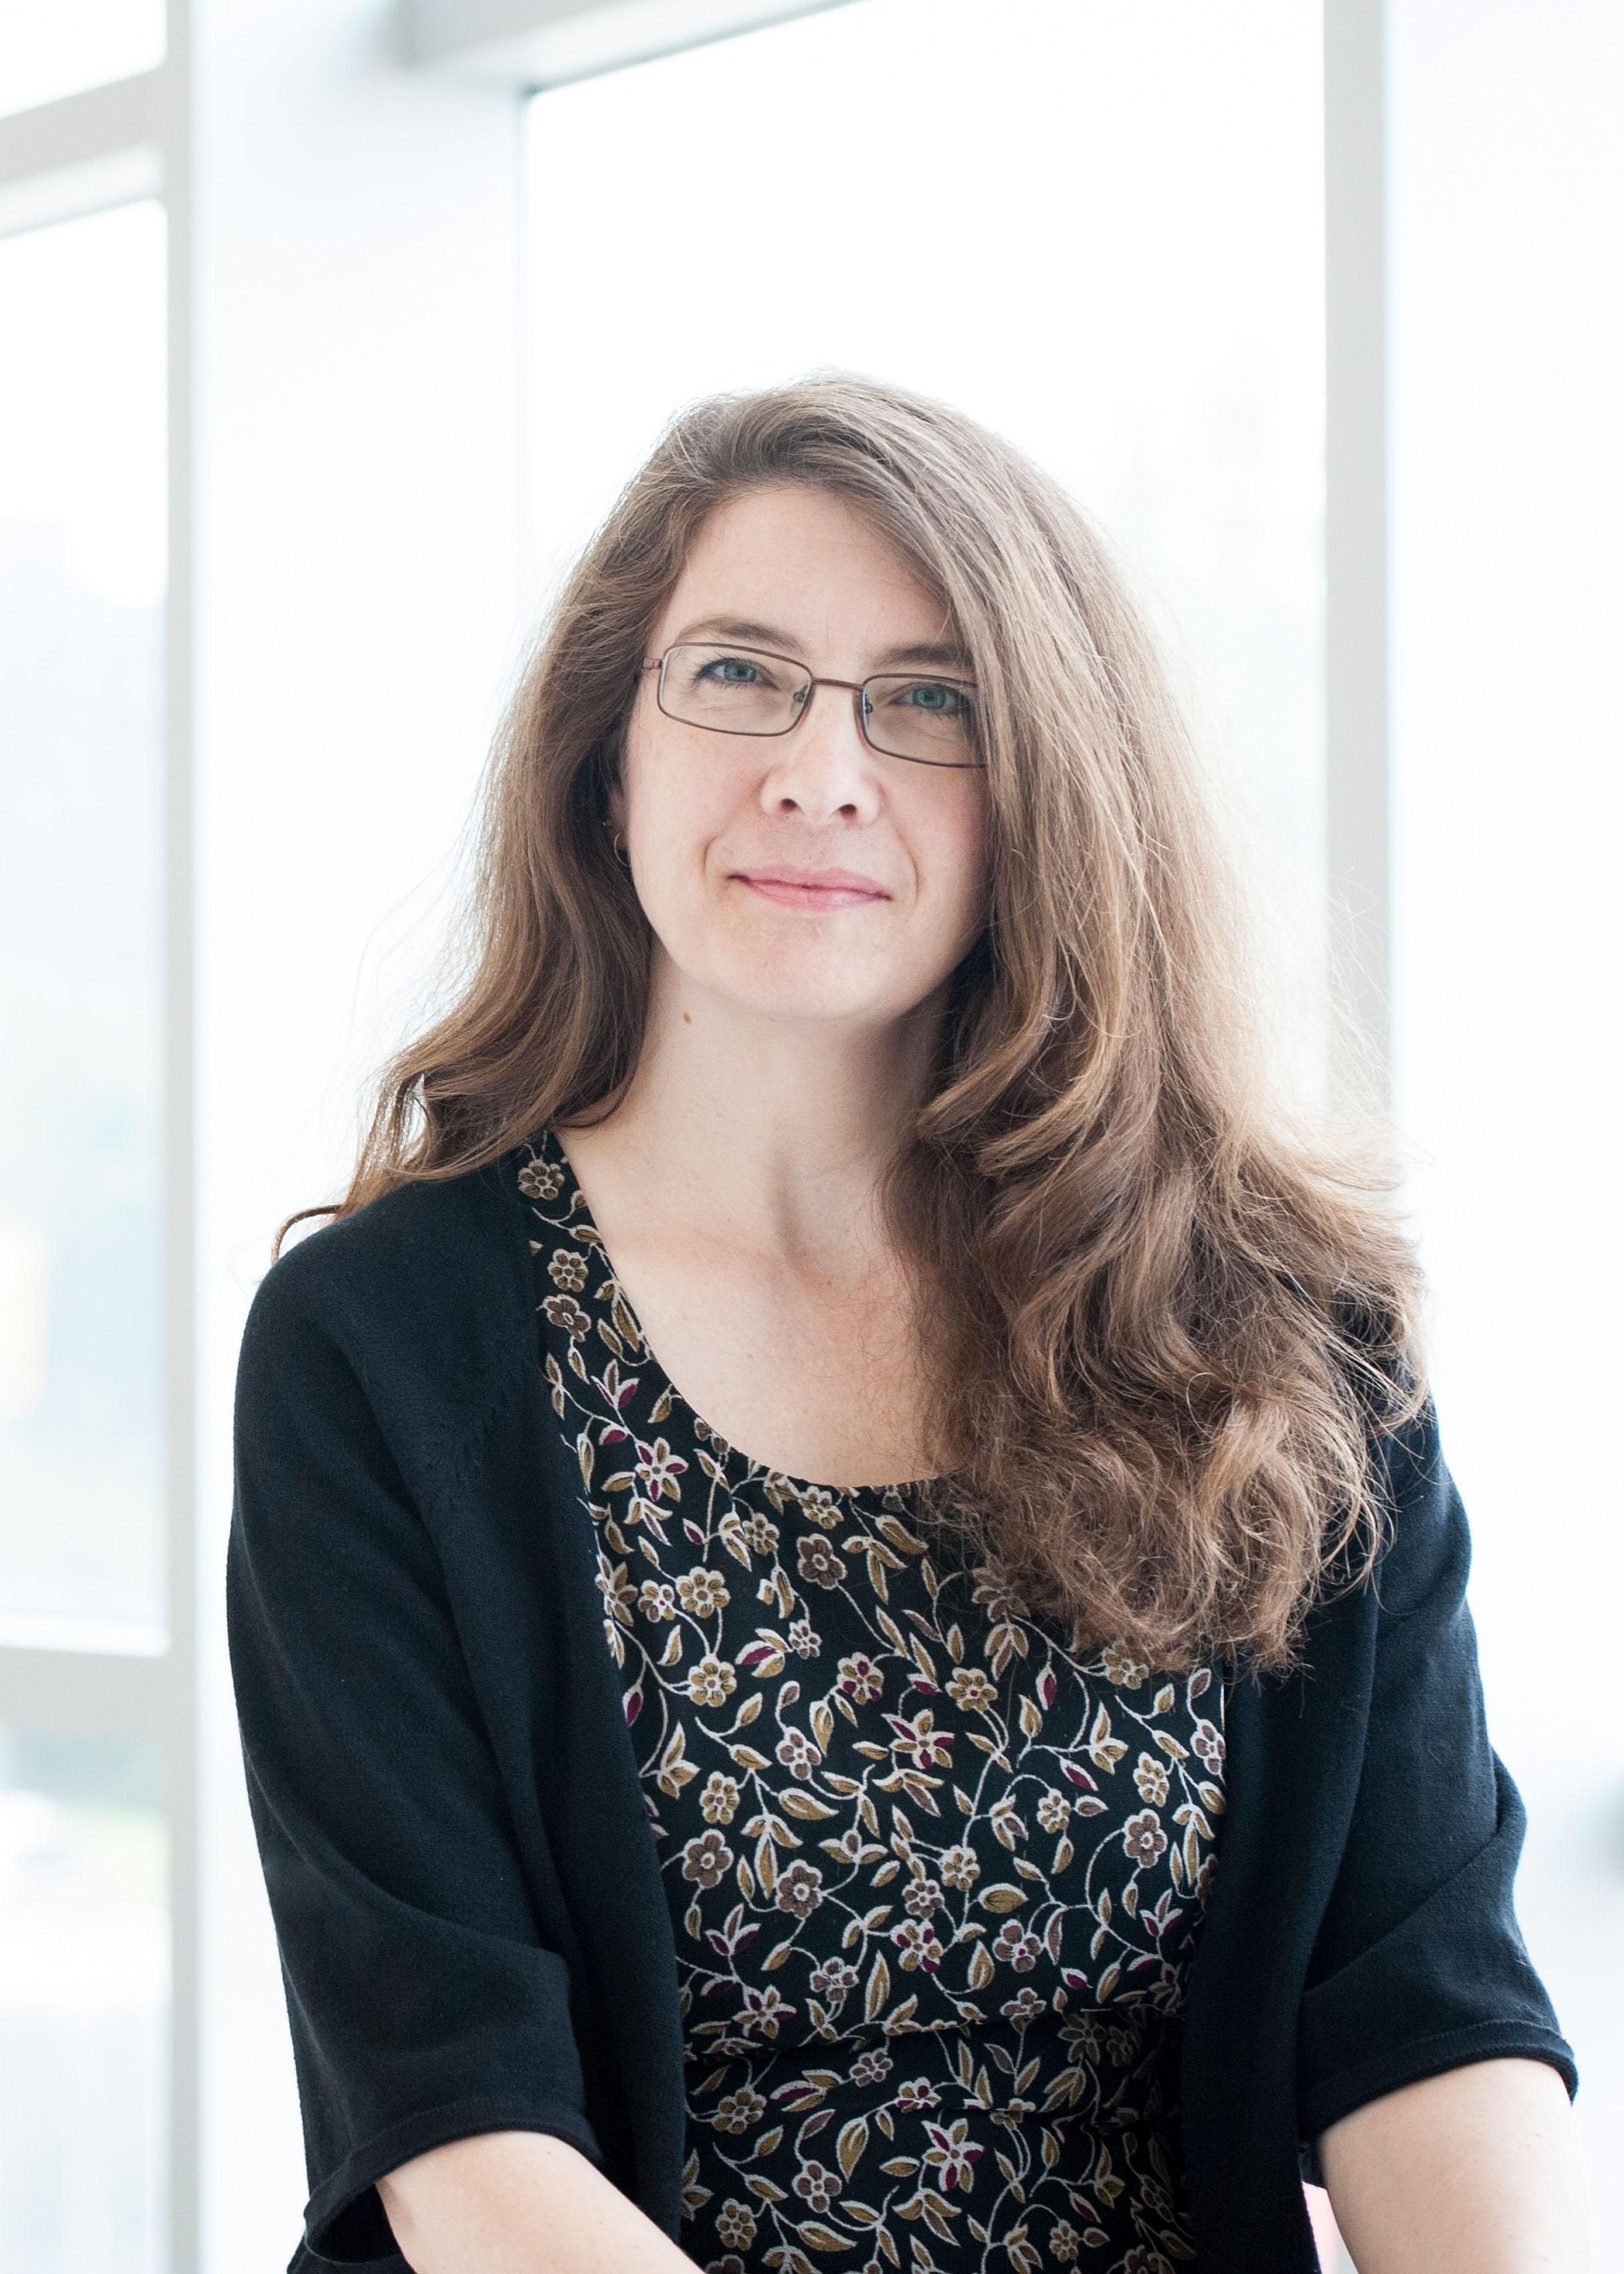 Portrait de la professeure Ivy Bourgeault debout devant un mur de vitre